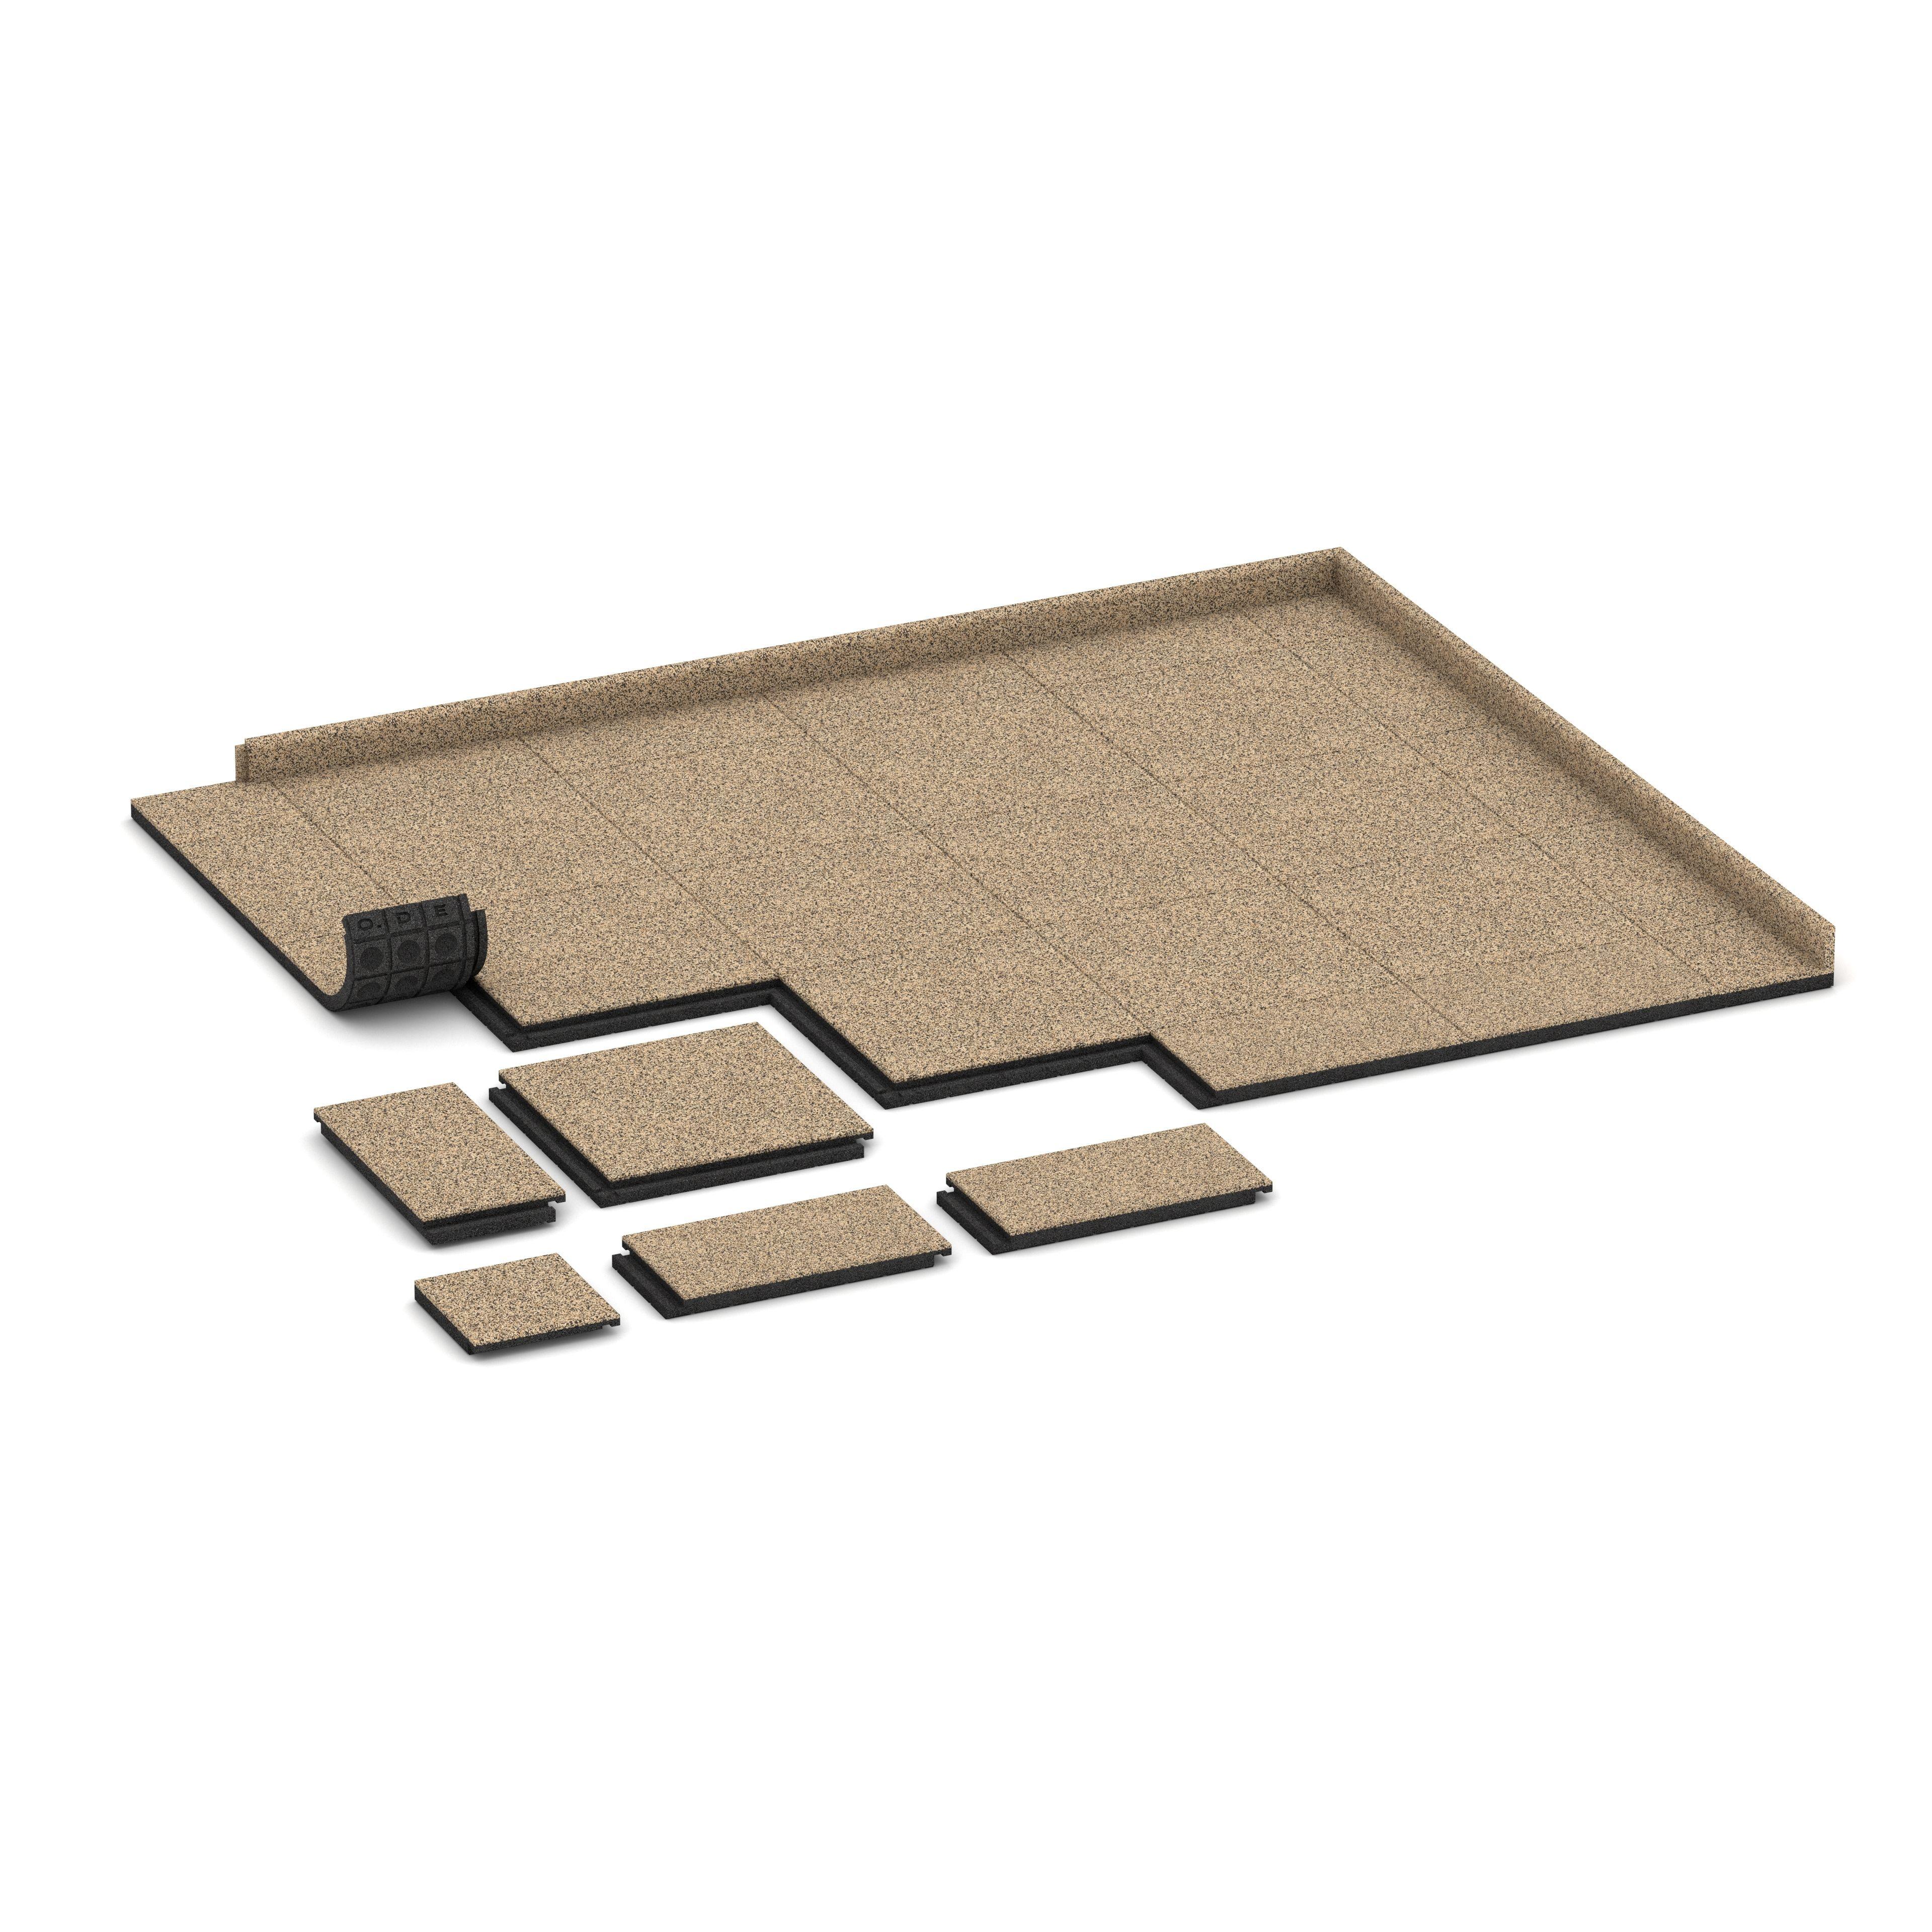 Terrassenplatten Warco De Original Warco Terrassenplatten